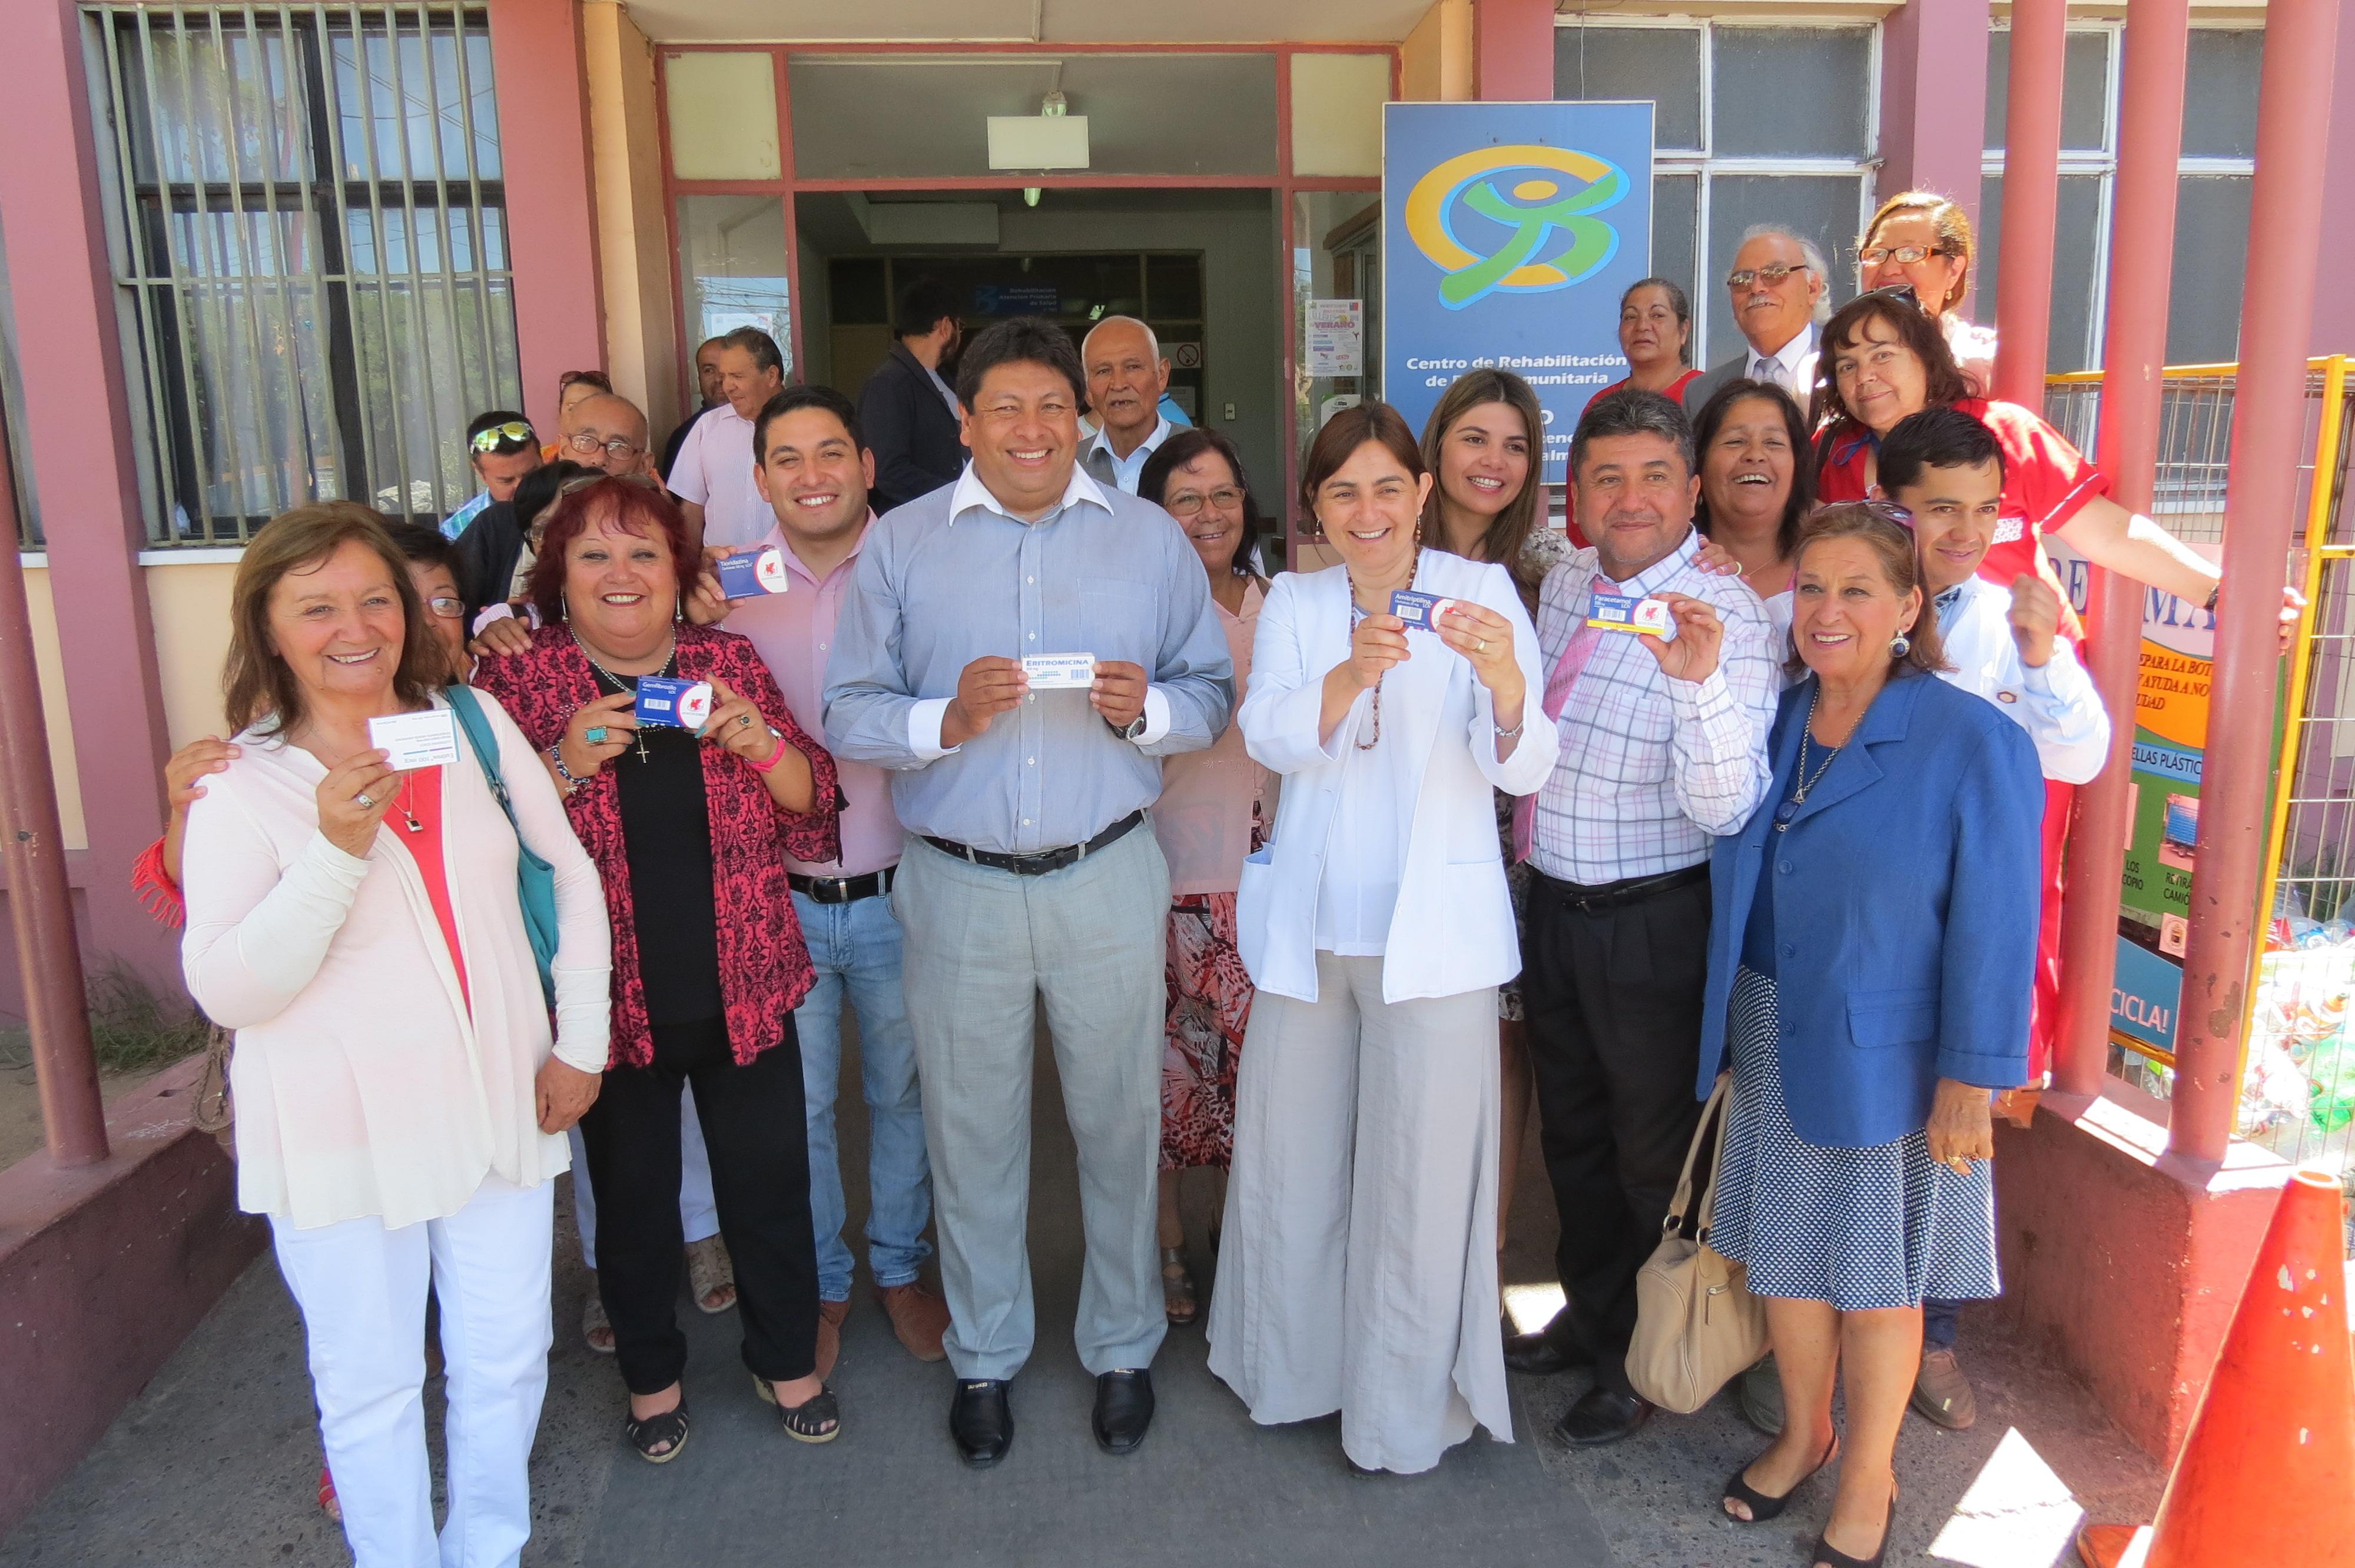 Oficializan farmacia popular en Vallenar pero aún no entra en funcionamiento